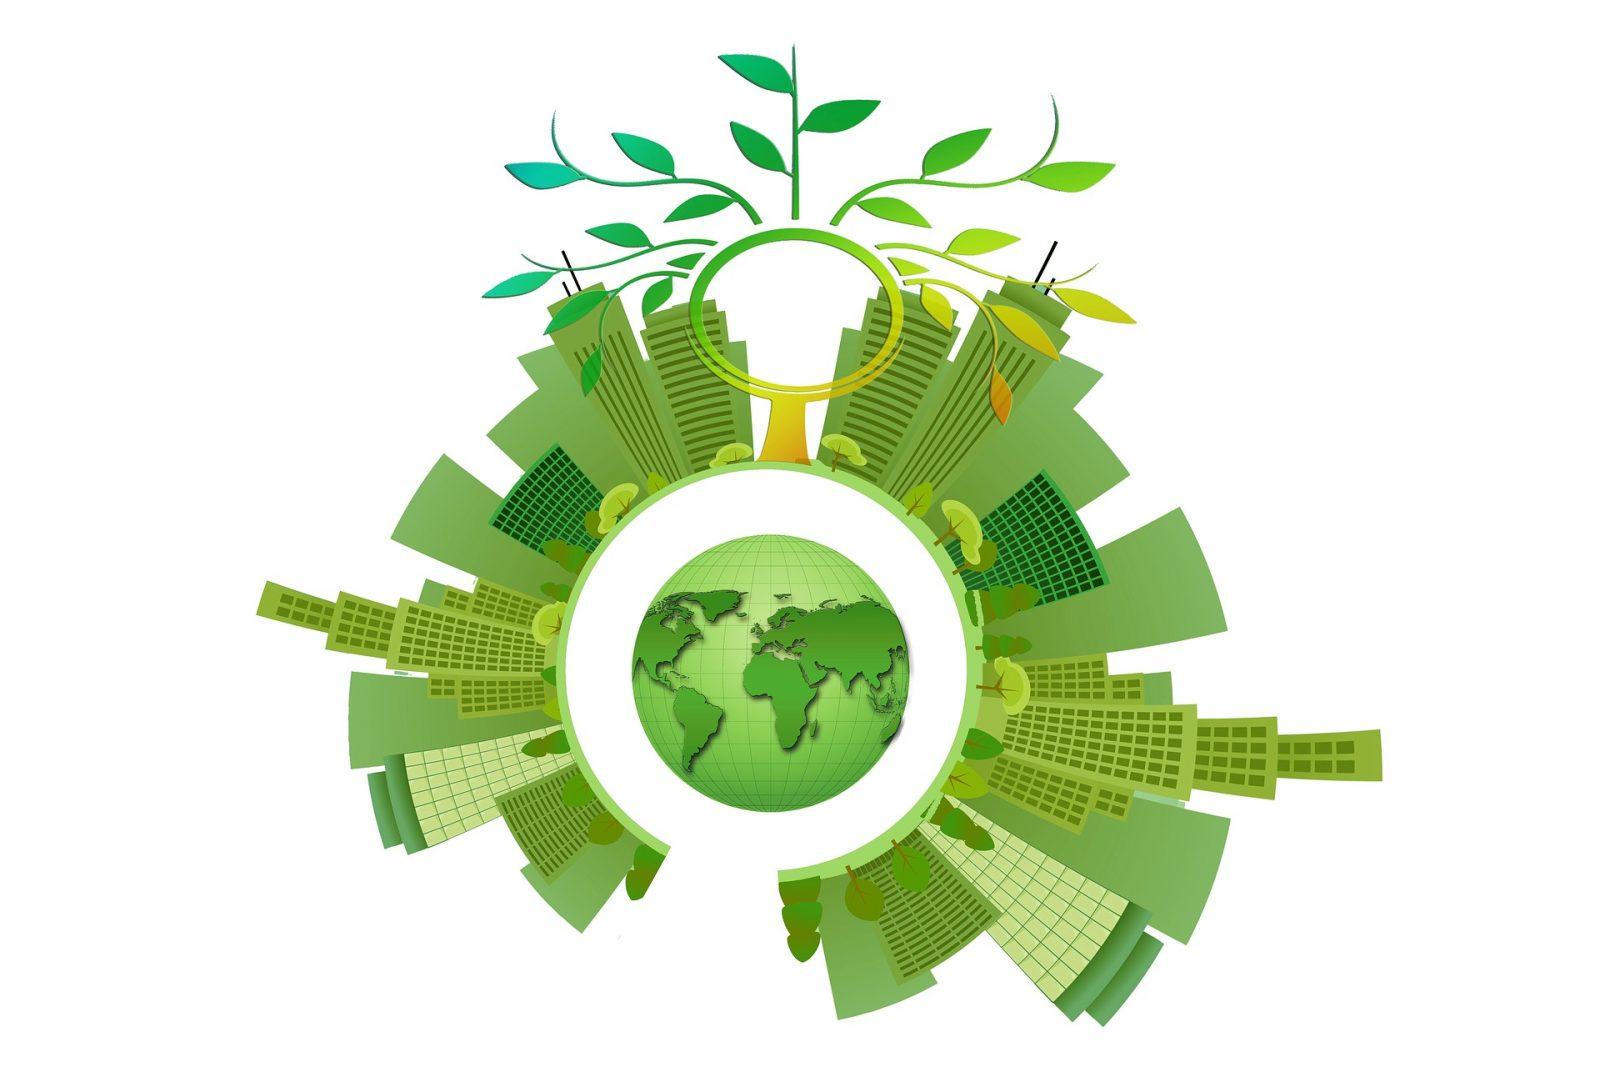 Arredare con materiali bio ed eco-sostenibili. Il cotto fatto a mano è il protagonista.